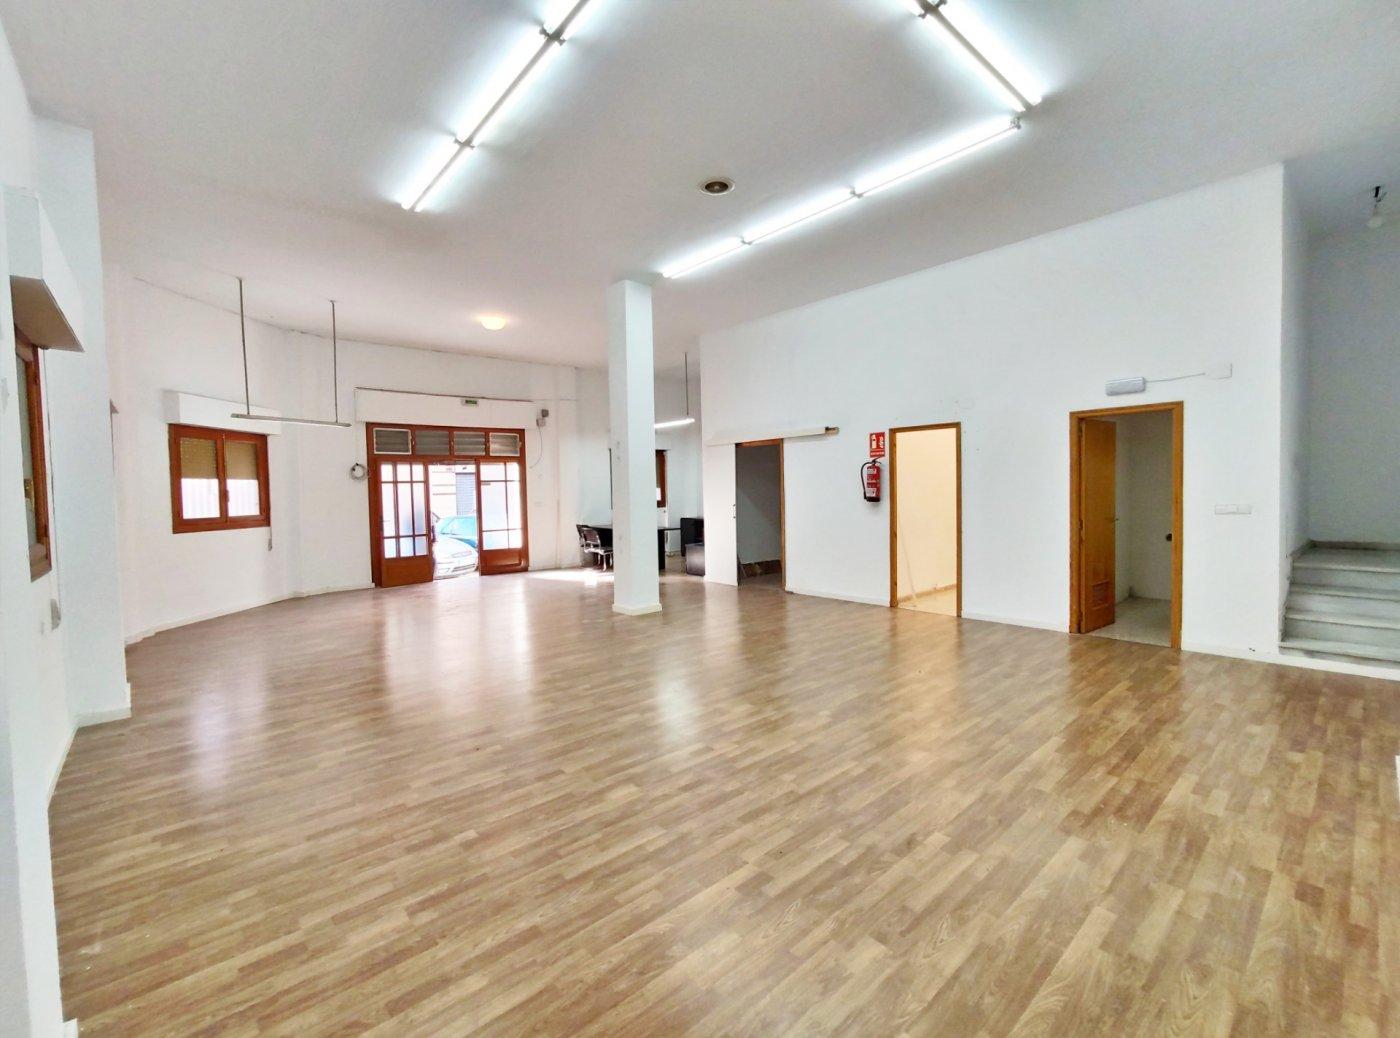 Local Alquilar elche asilo-pisos-azules Ref.:6788J-mls